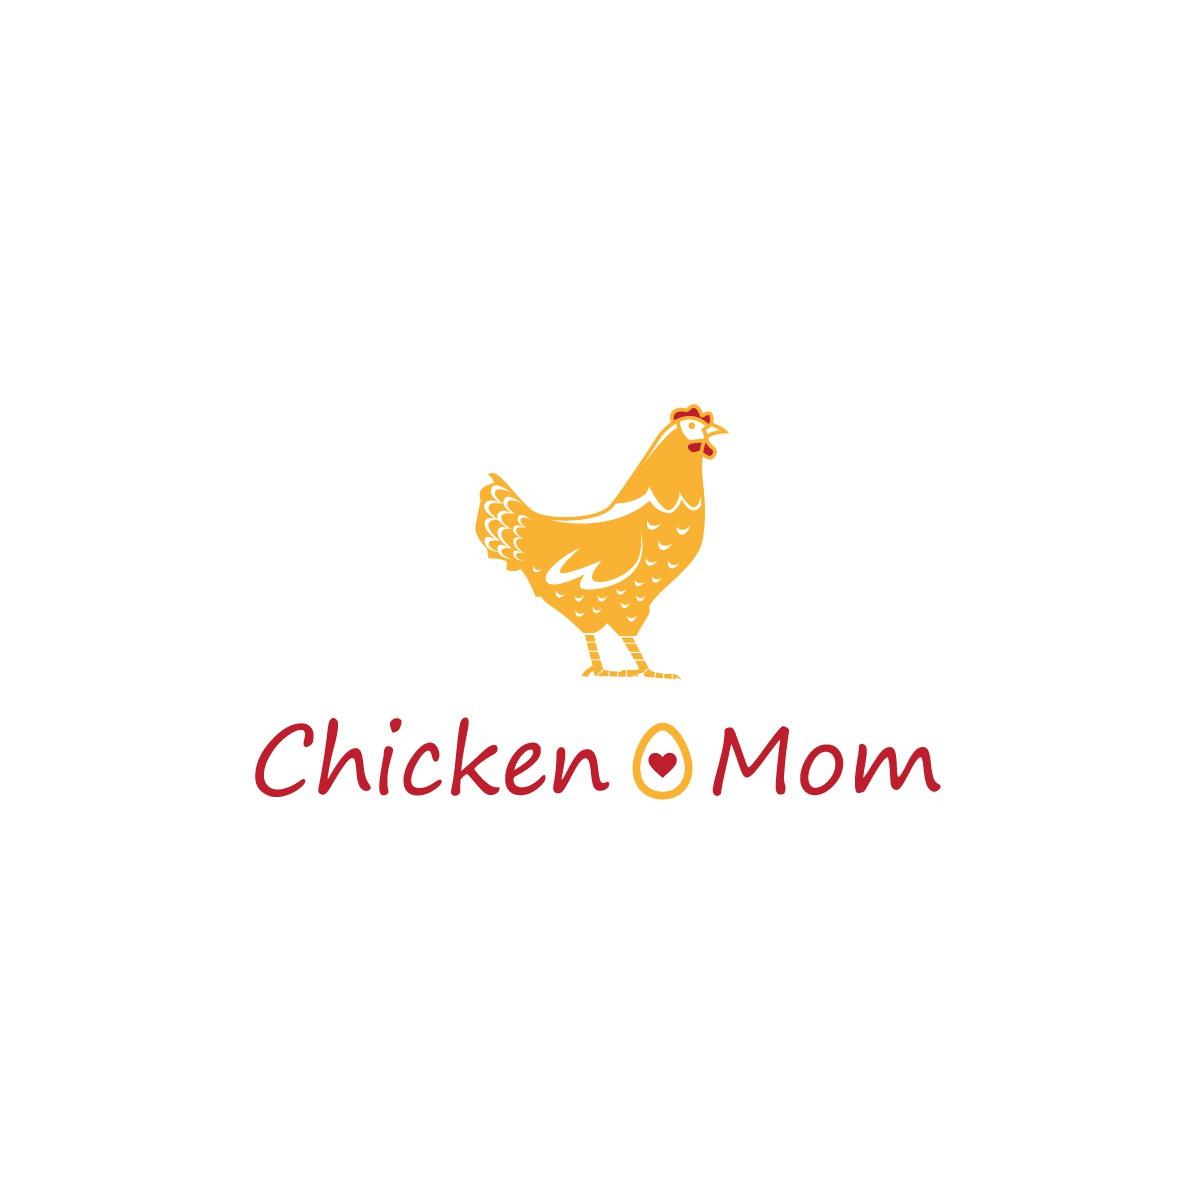 Design a logo for the Chicken Mom website.